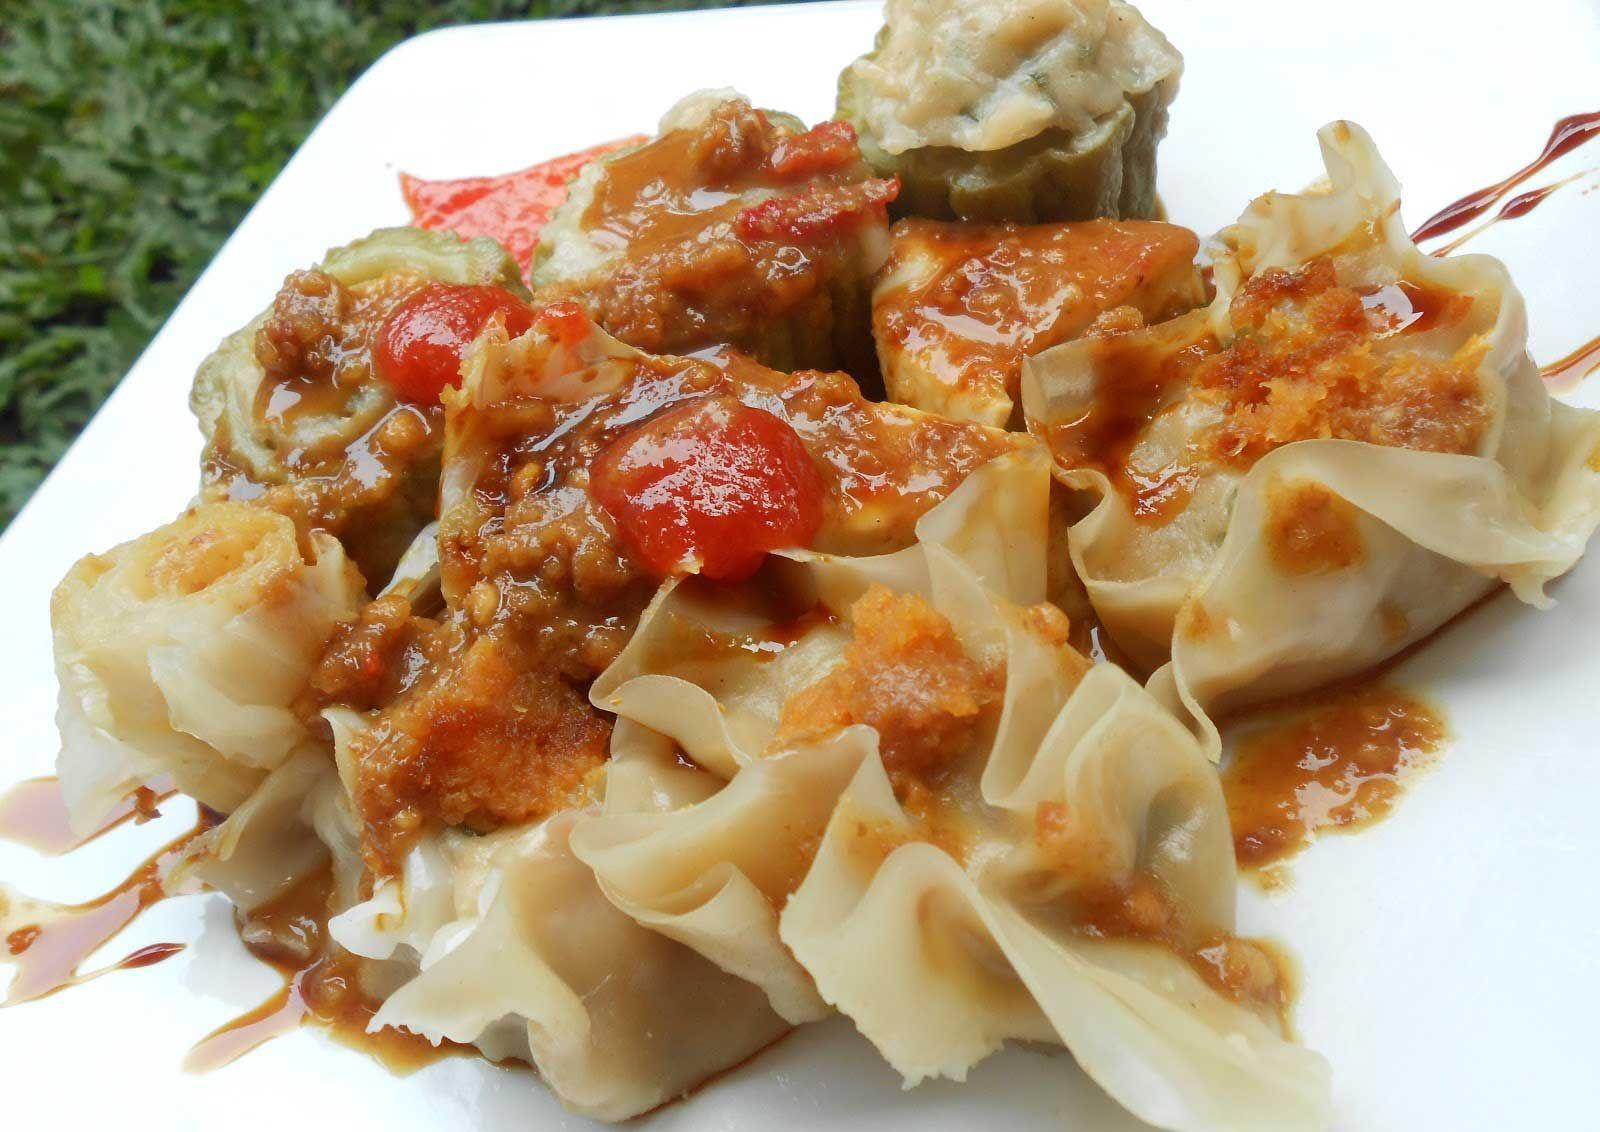 Resep Dan Cara Membuat Siomay Bandung Sajianlezat Com Resep Resep Masakan Resep Masakan